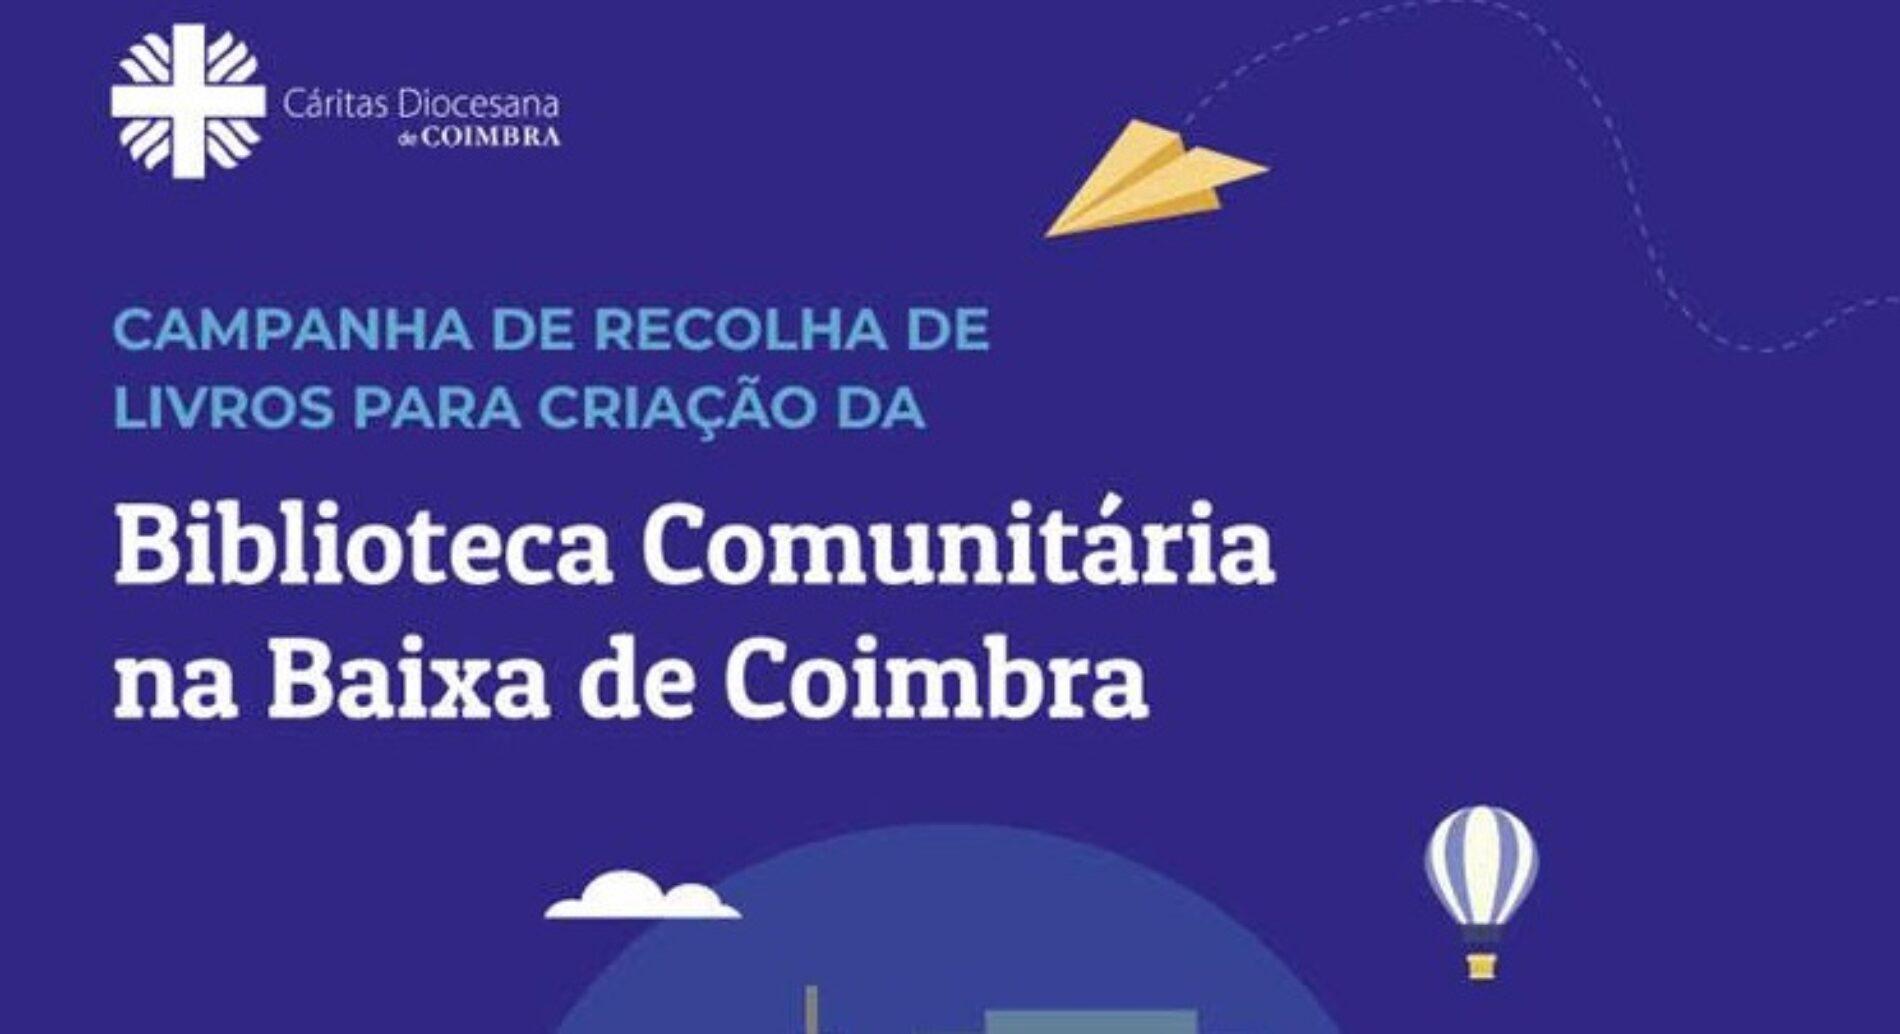 Cáritas Coimbra lança campanha de recolha de livros para criação de Biblioteca Comunitária